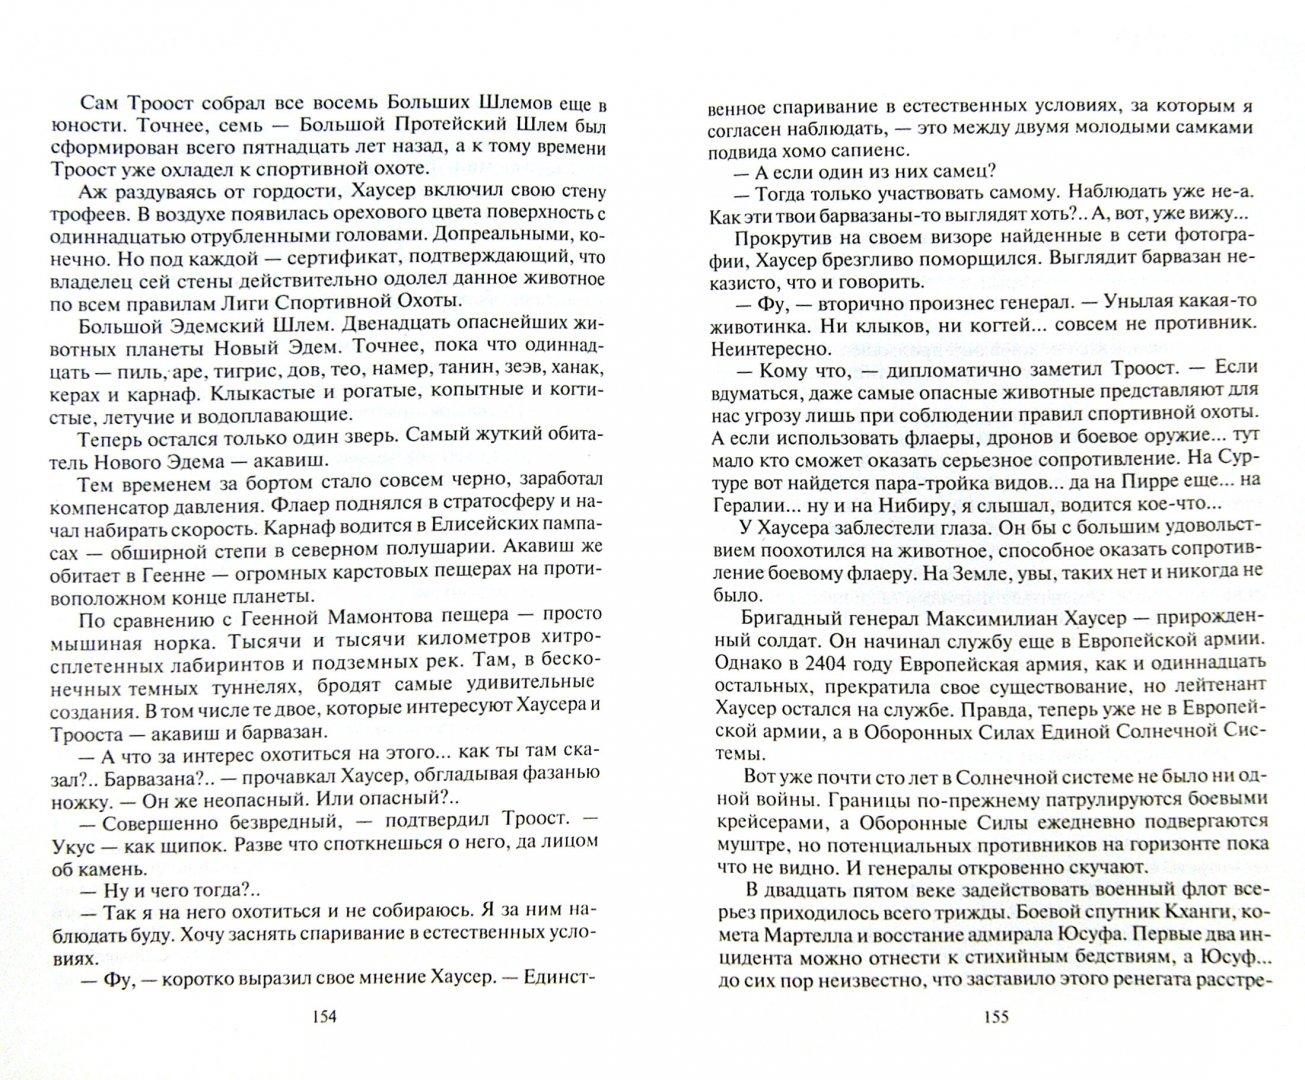 Иллюстрация 1 из 5 для Зверолов - Александр Рудазов | Лабиринт - книги. Источник: Лабиринт